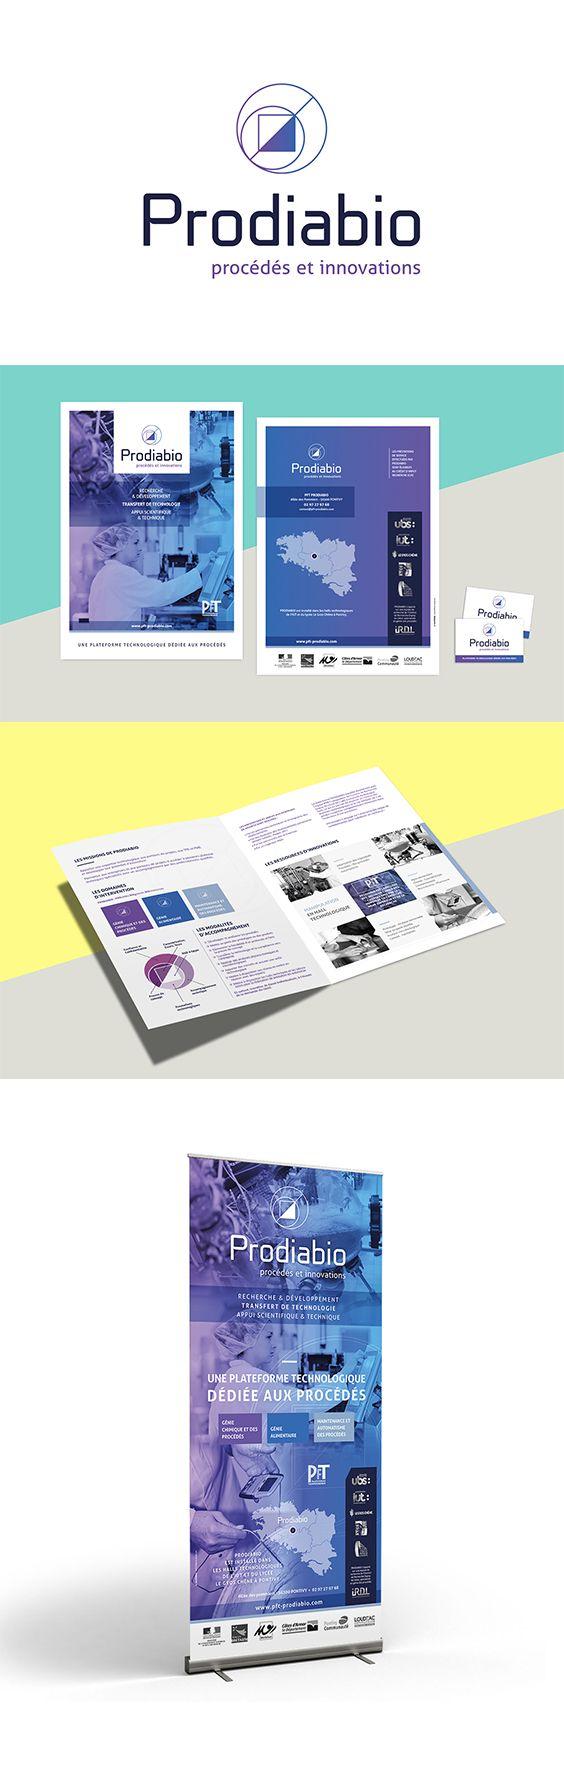 Refonte de l'identité visuelle de PRODIABIO. Création du logo, plaquette commerciale, cartes de visite, roll up...